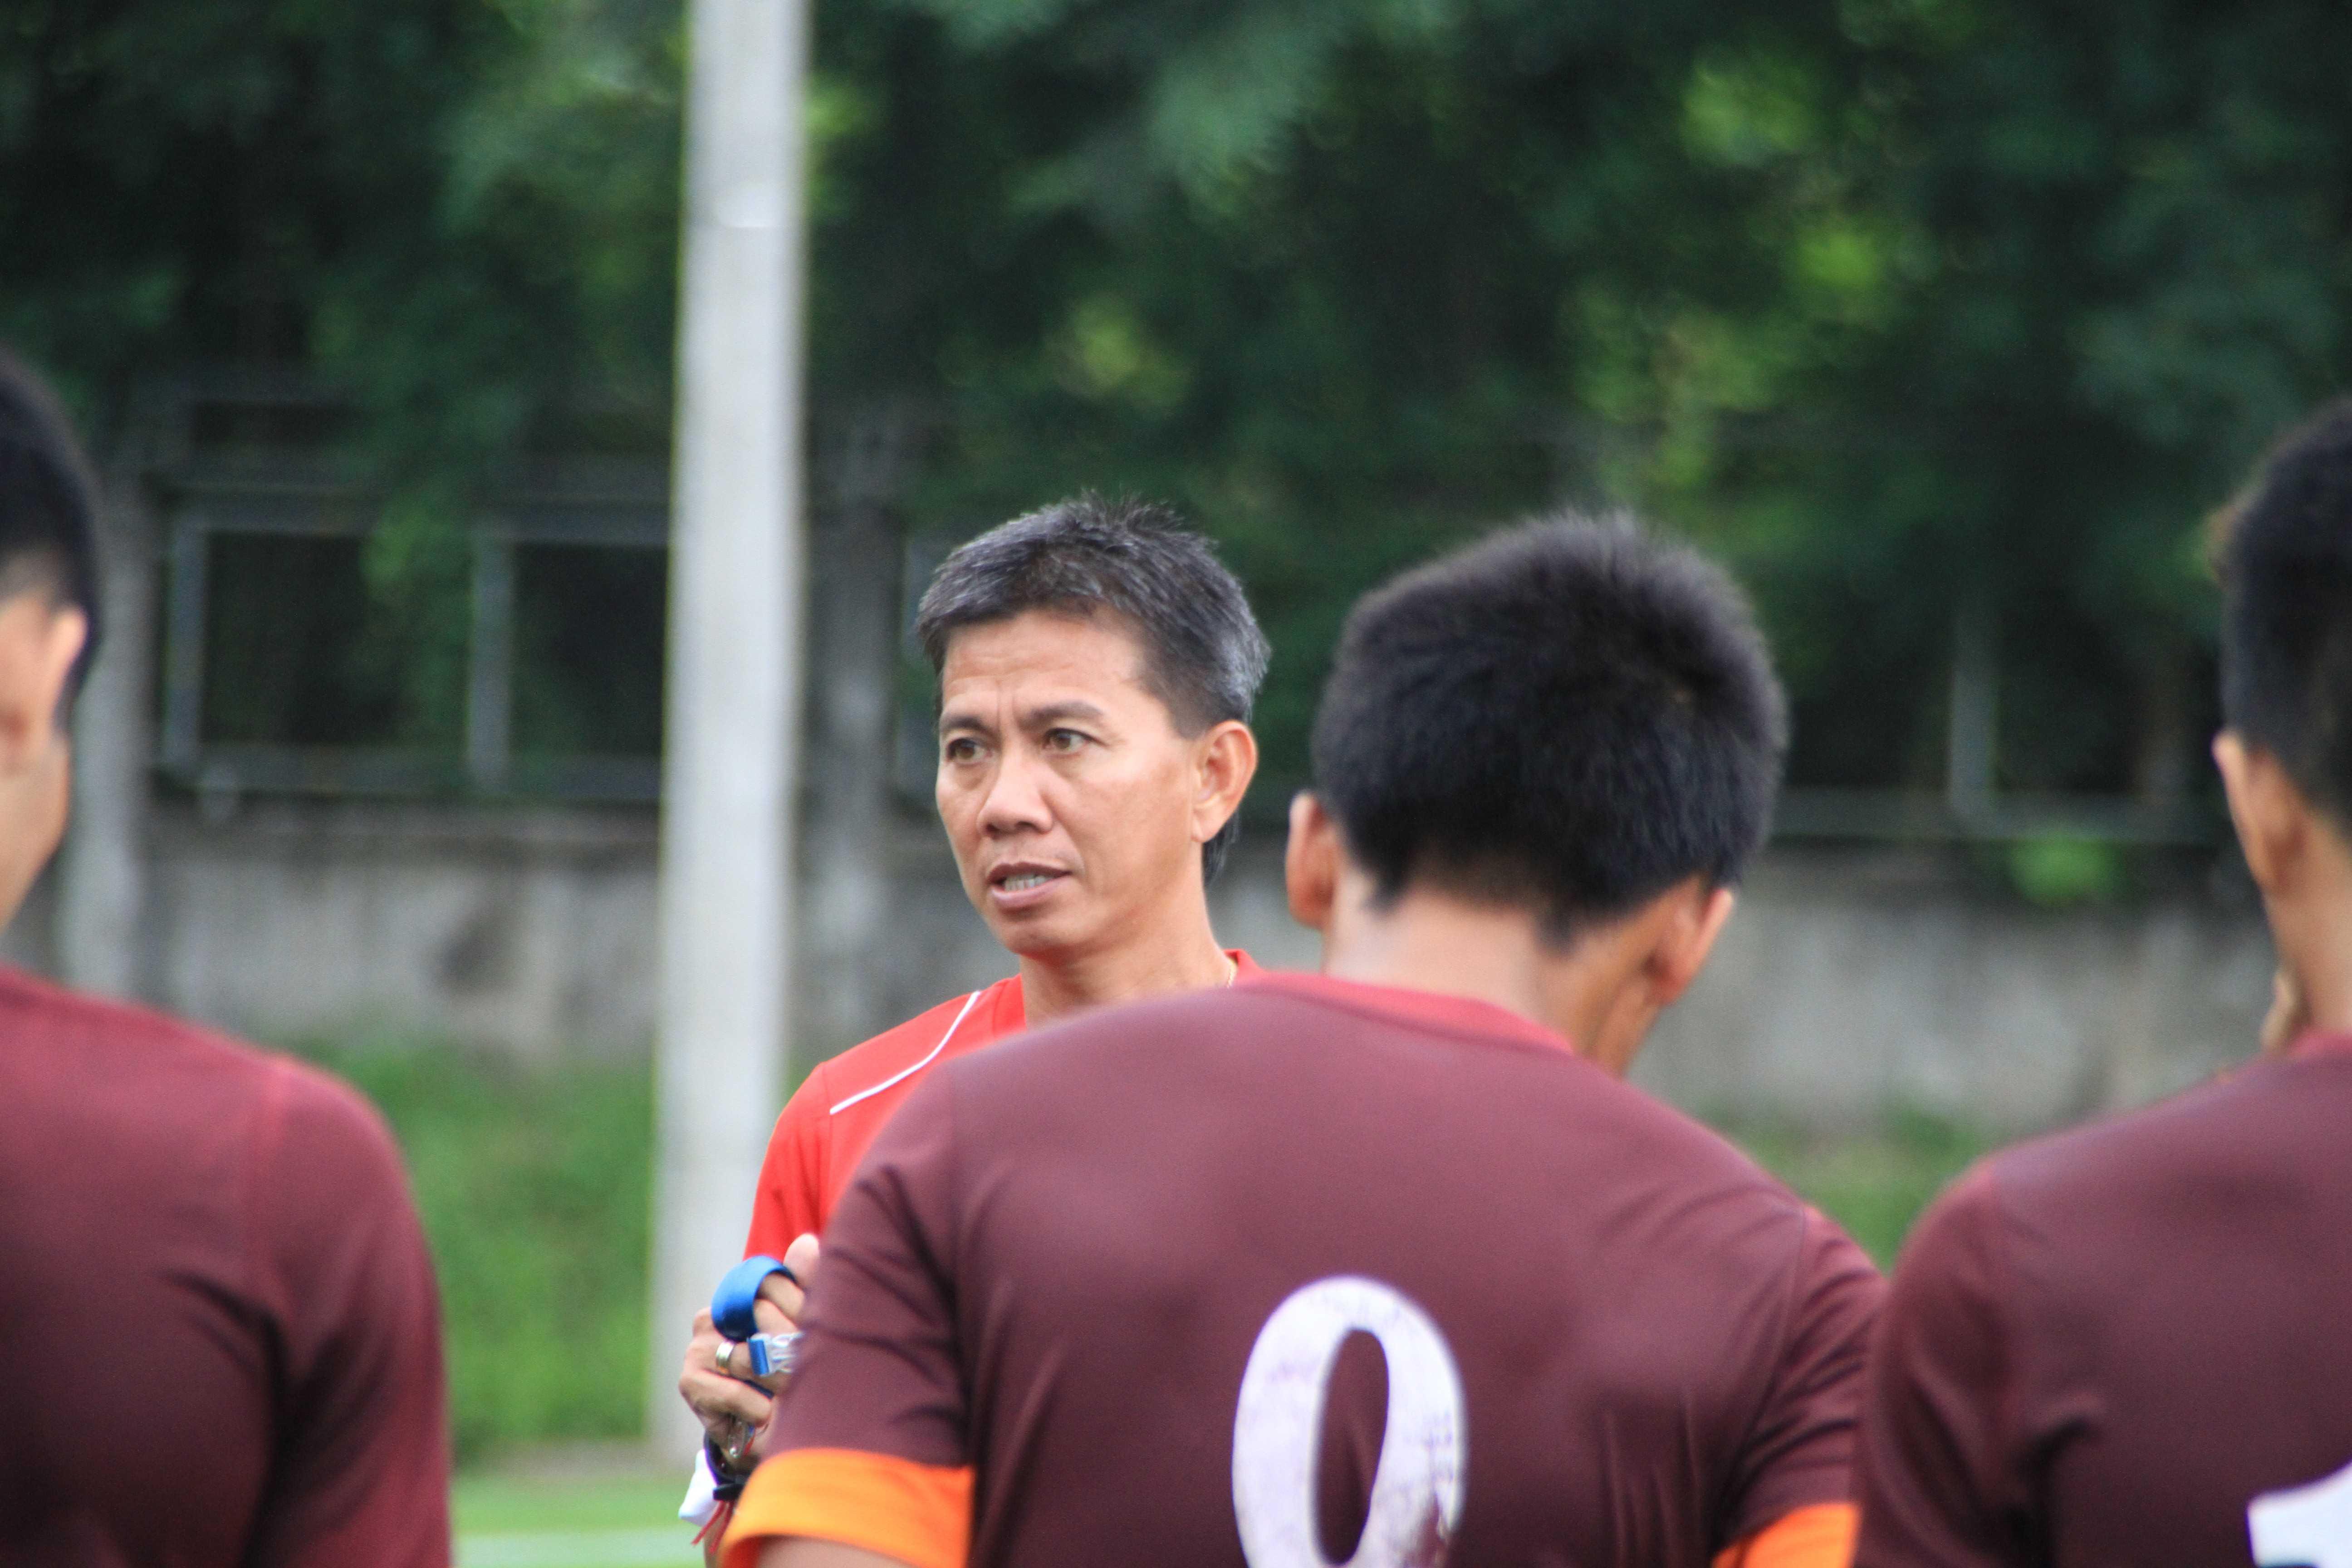 HLV Hoàng Anh Tuấn đang tập trung cùng các học trò chuẩn bị vòng loại U19 châu Á 2016. (Ảnh: Vân Hà).